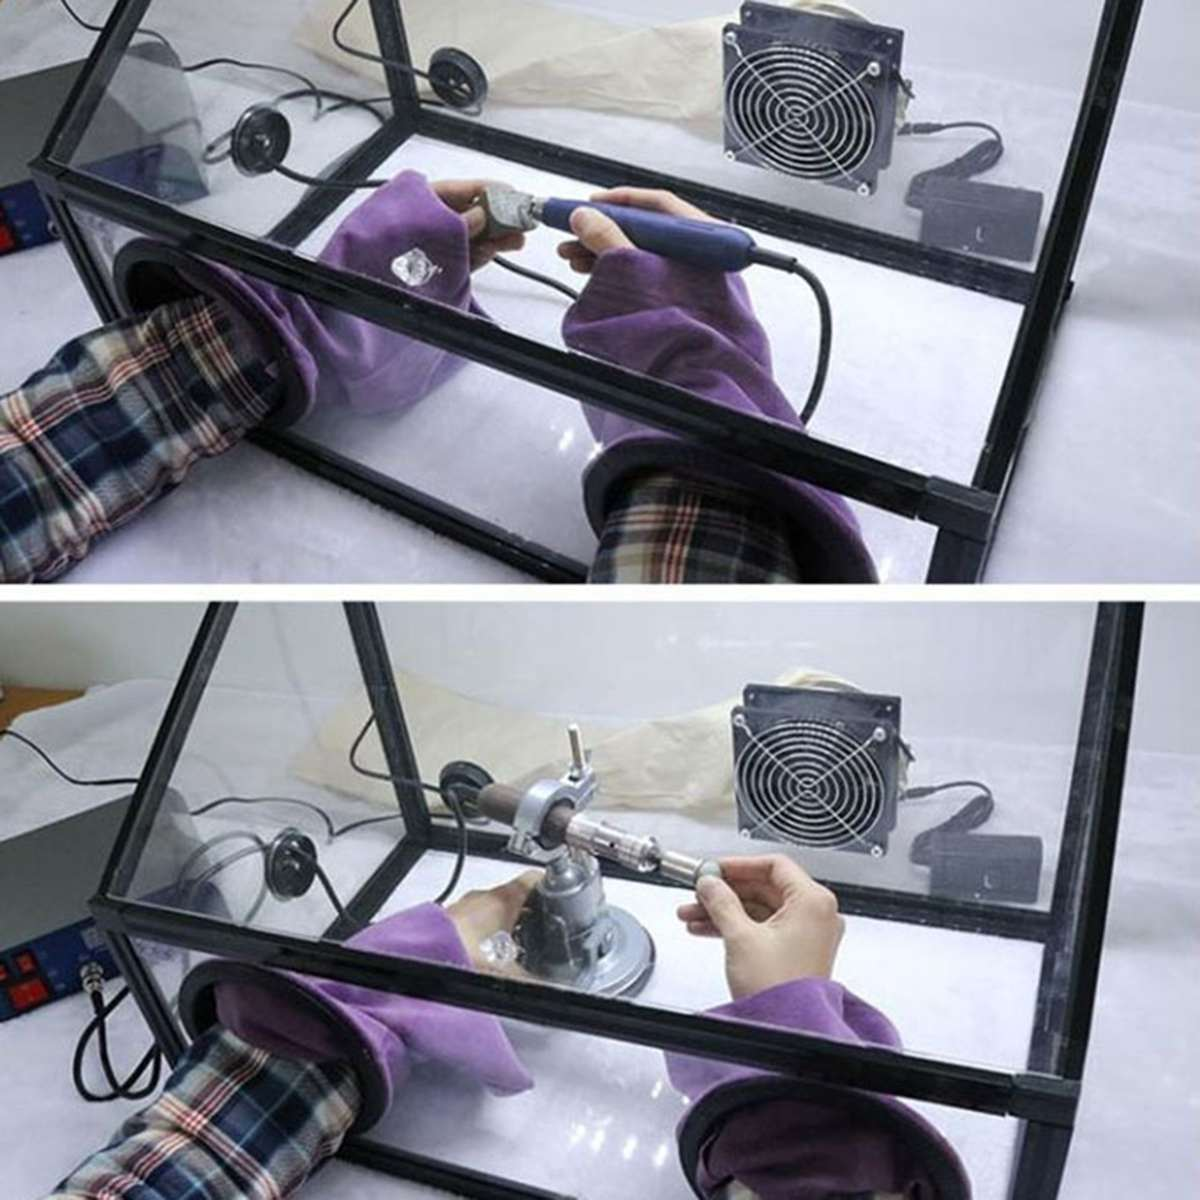 Entièrement Clos De Protection Cover Shield Électrique Meulage Polissage Acrylique Poussière Couvercle de la Boîte avec Ligth + Ventilateur Accessoires D'outils Électriques